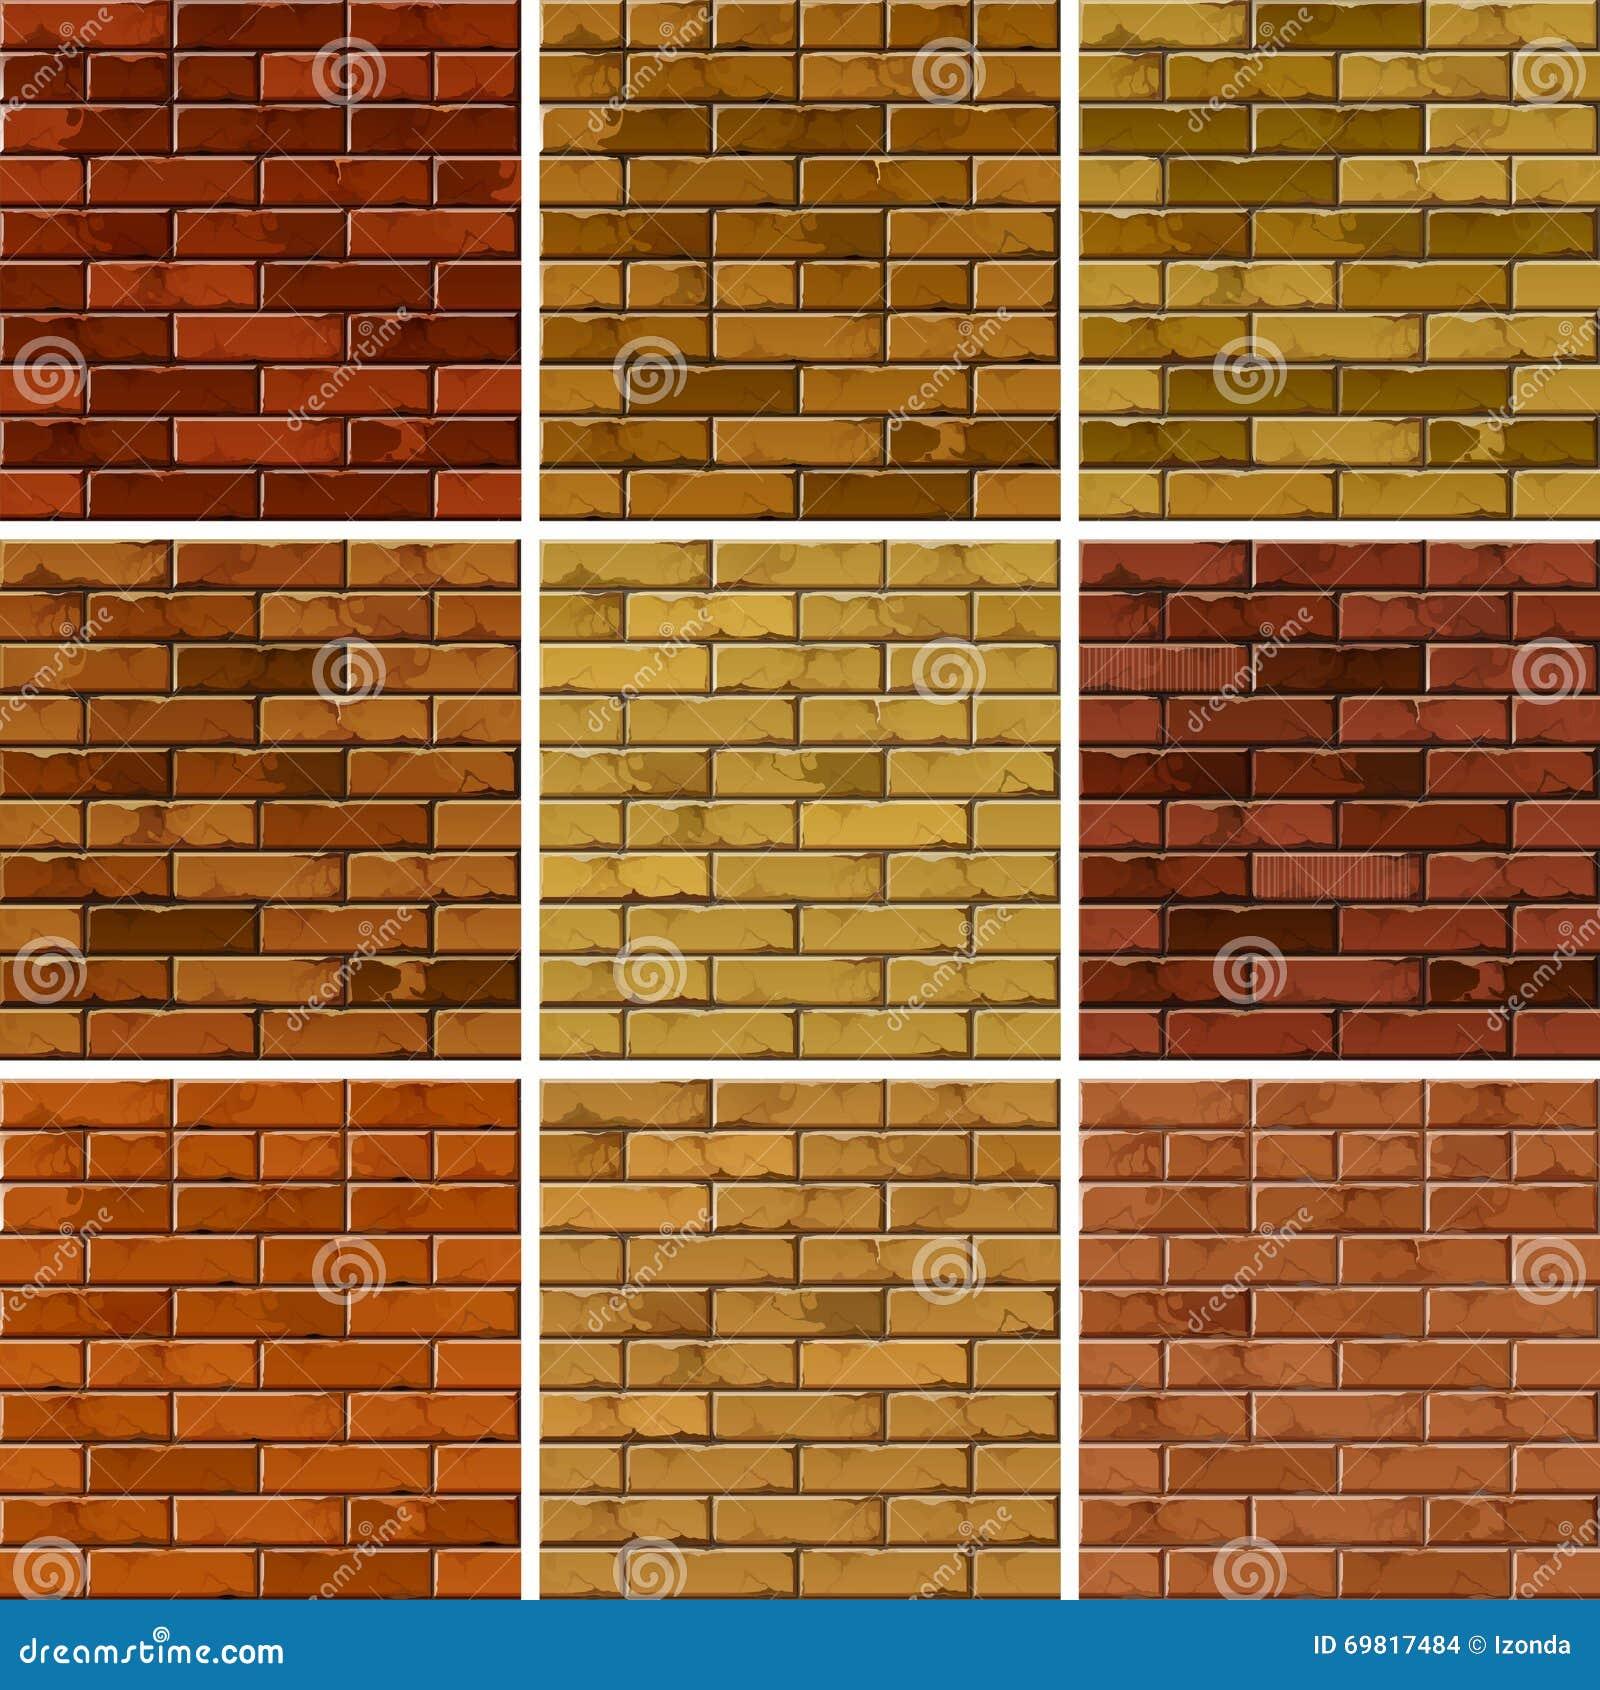 Vektor-Satz Ziegelstein-nahtlose Beschaffenheits-Muster-Wand-Hintergründe